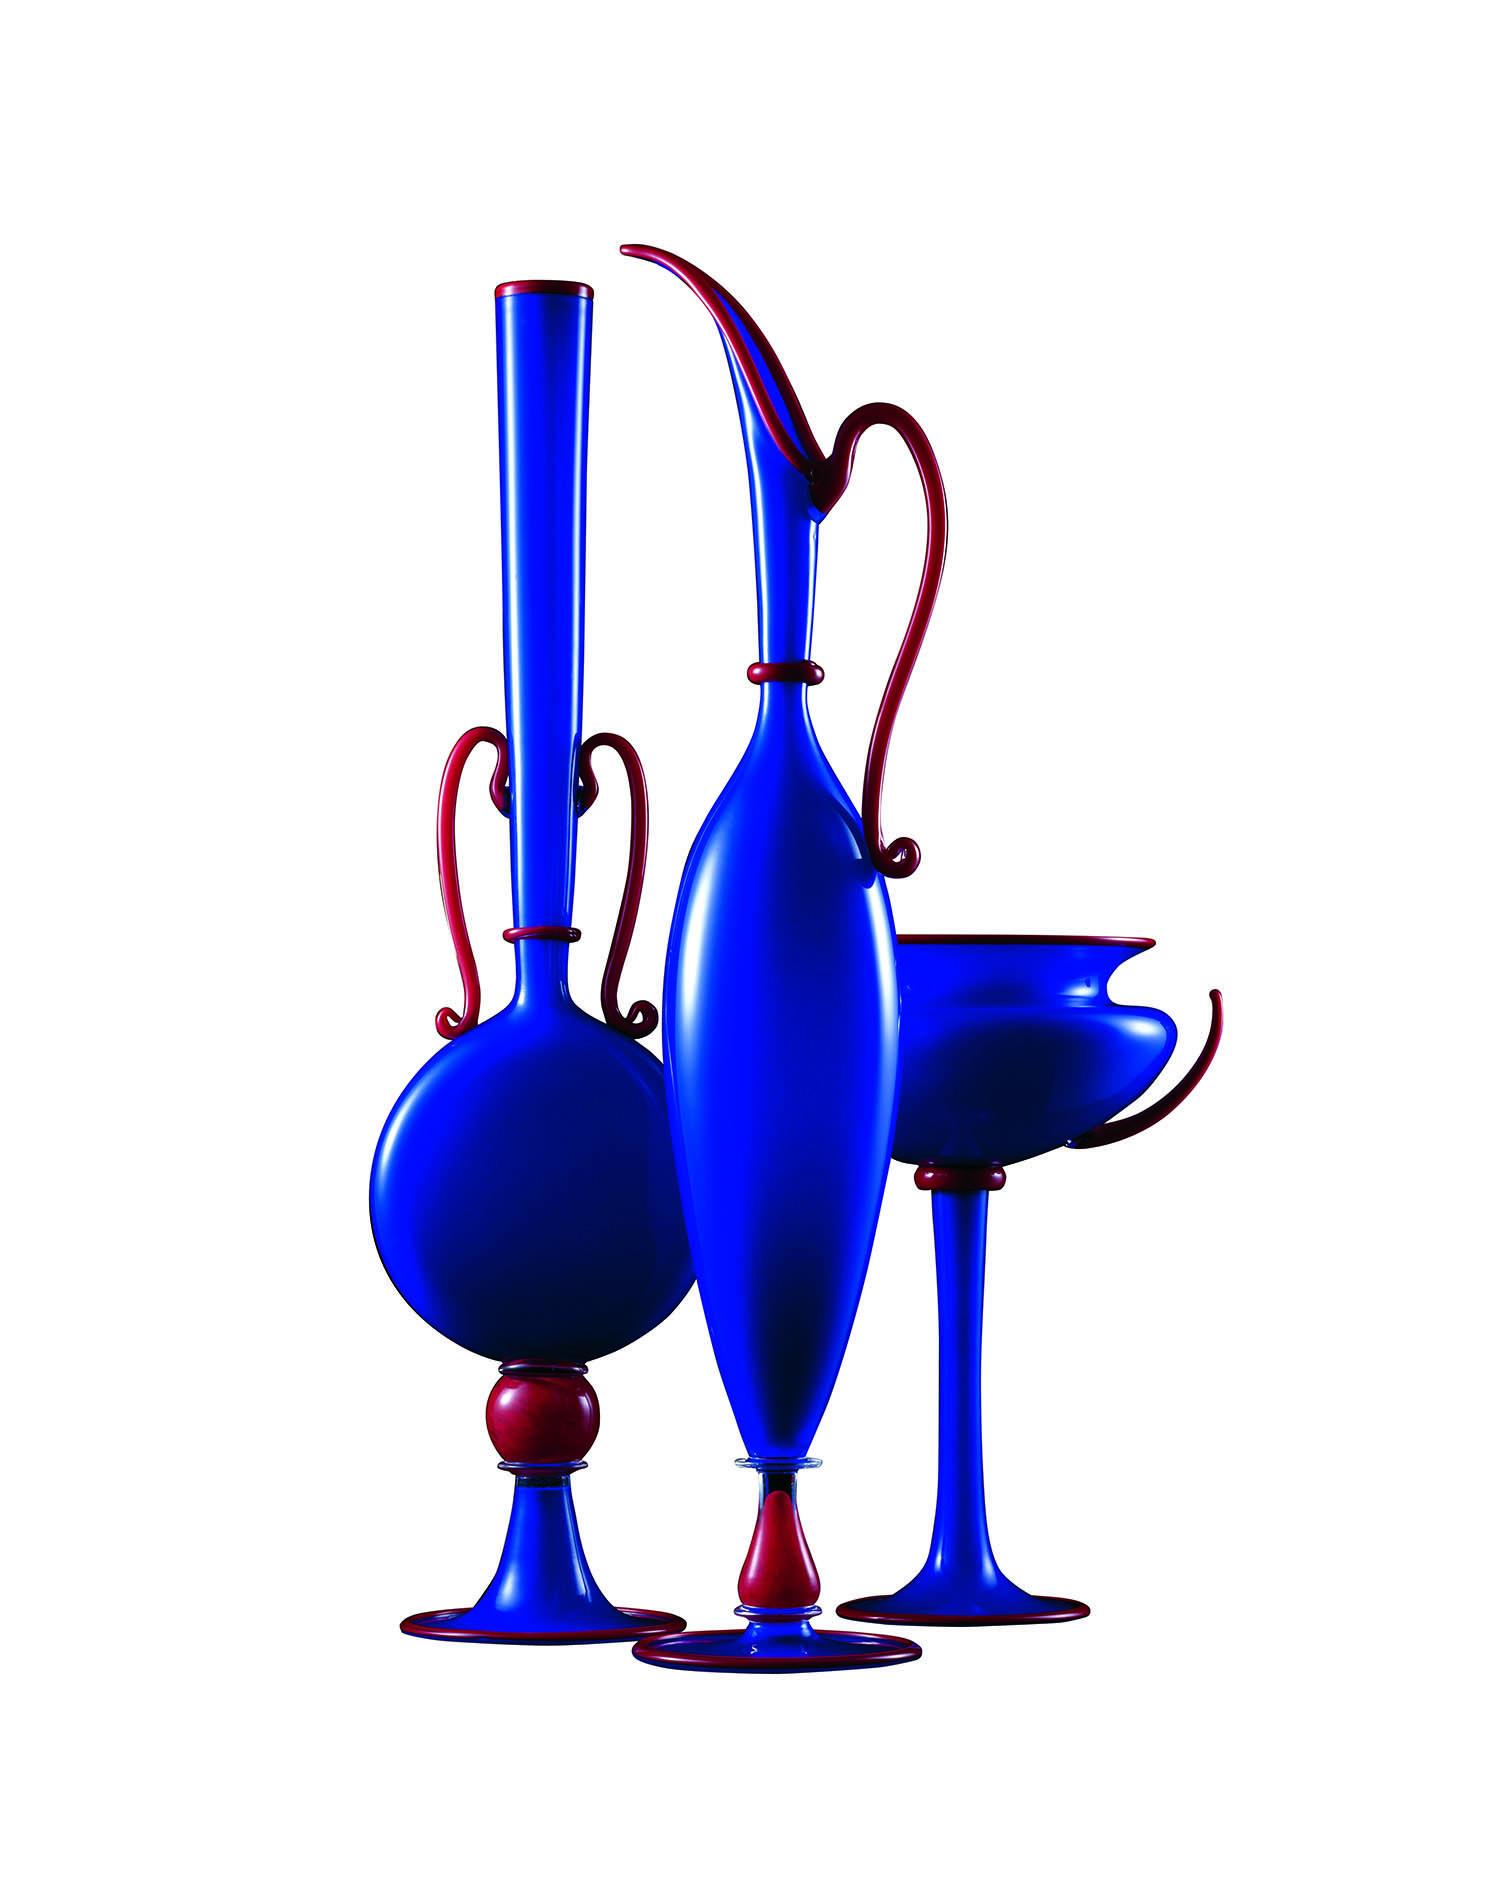 ダンテ・マリオーニ《ブルー・トリオ》1997年 東京国立近代美術館蔵